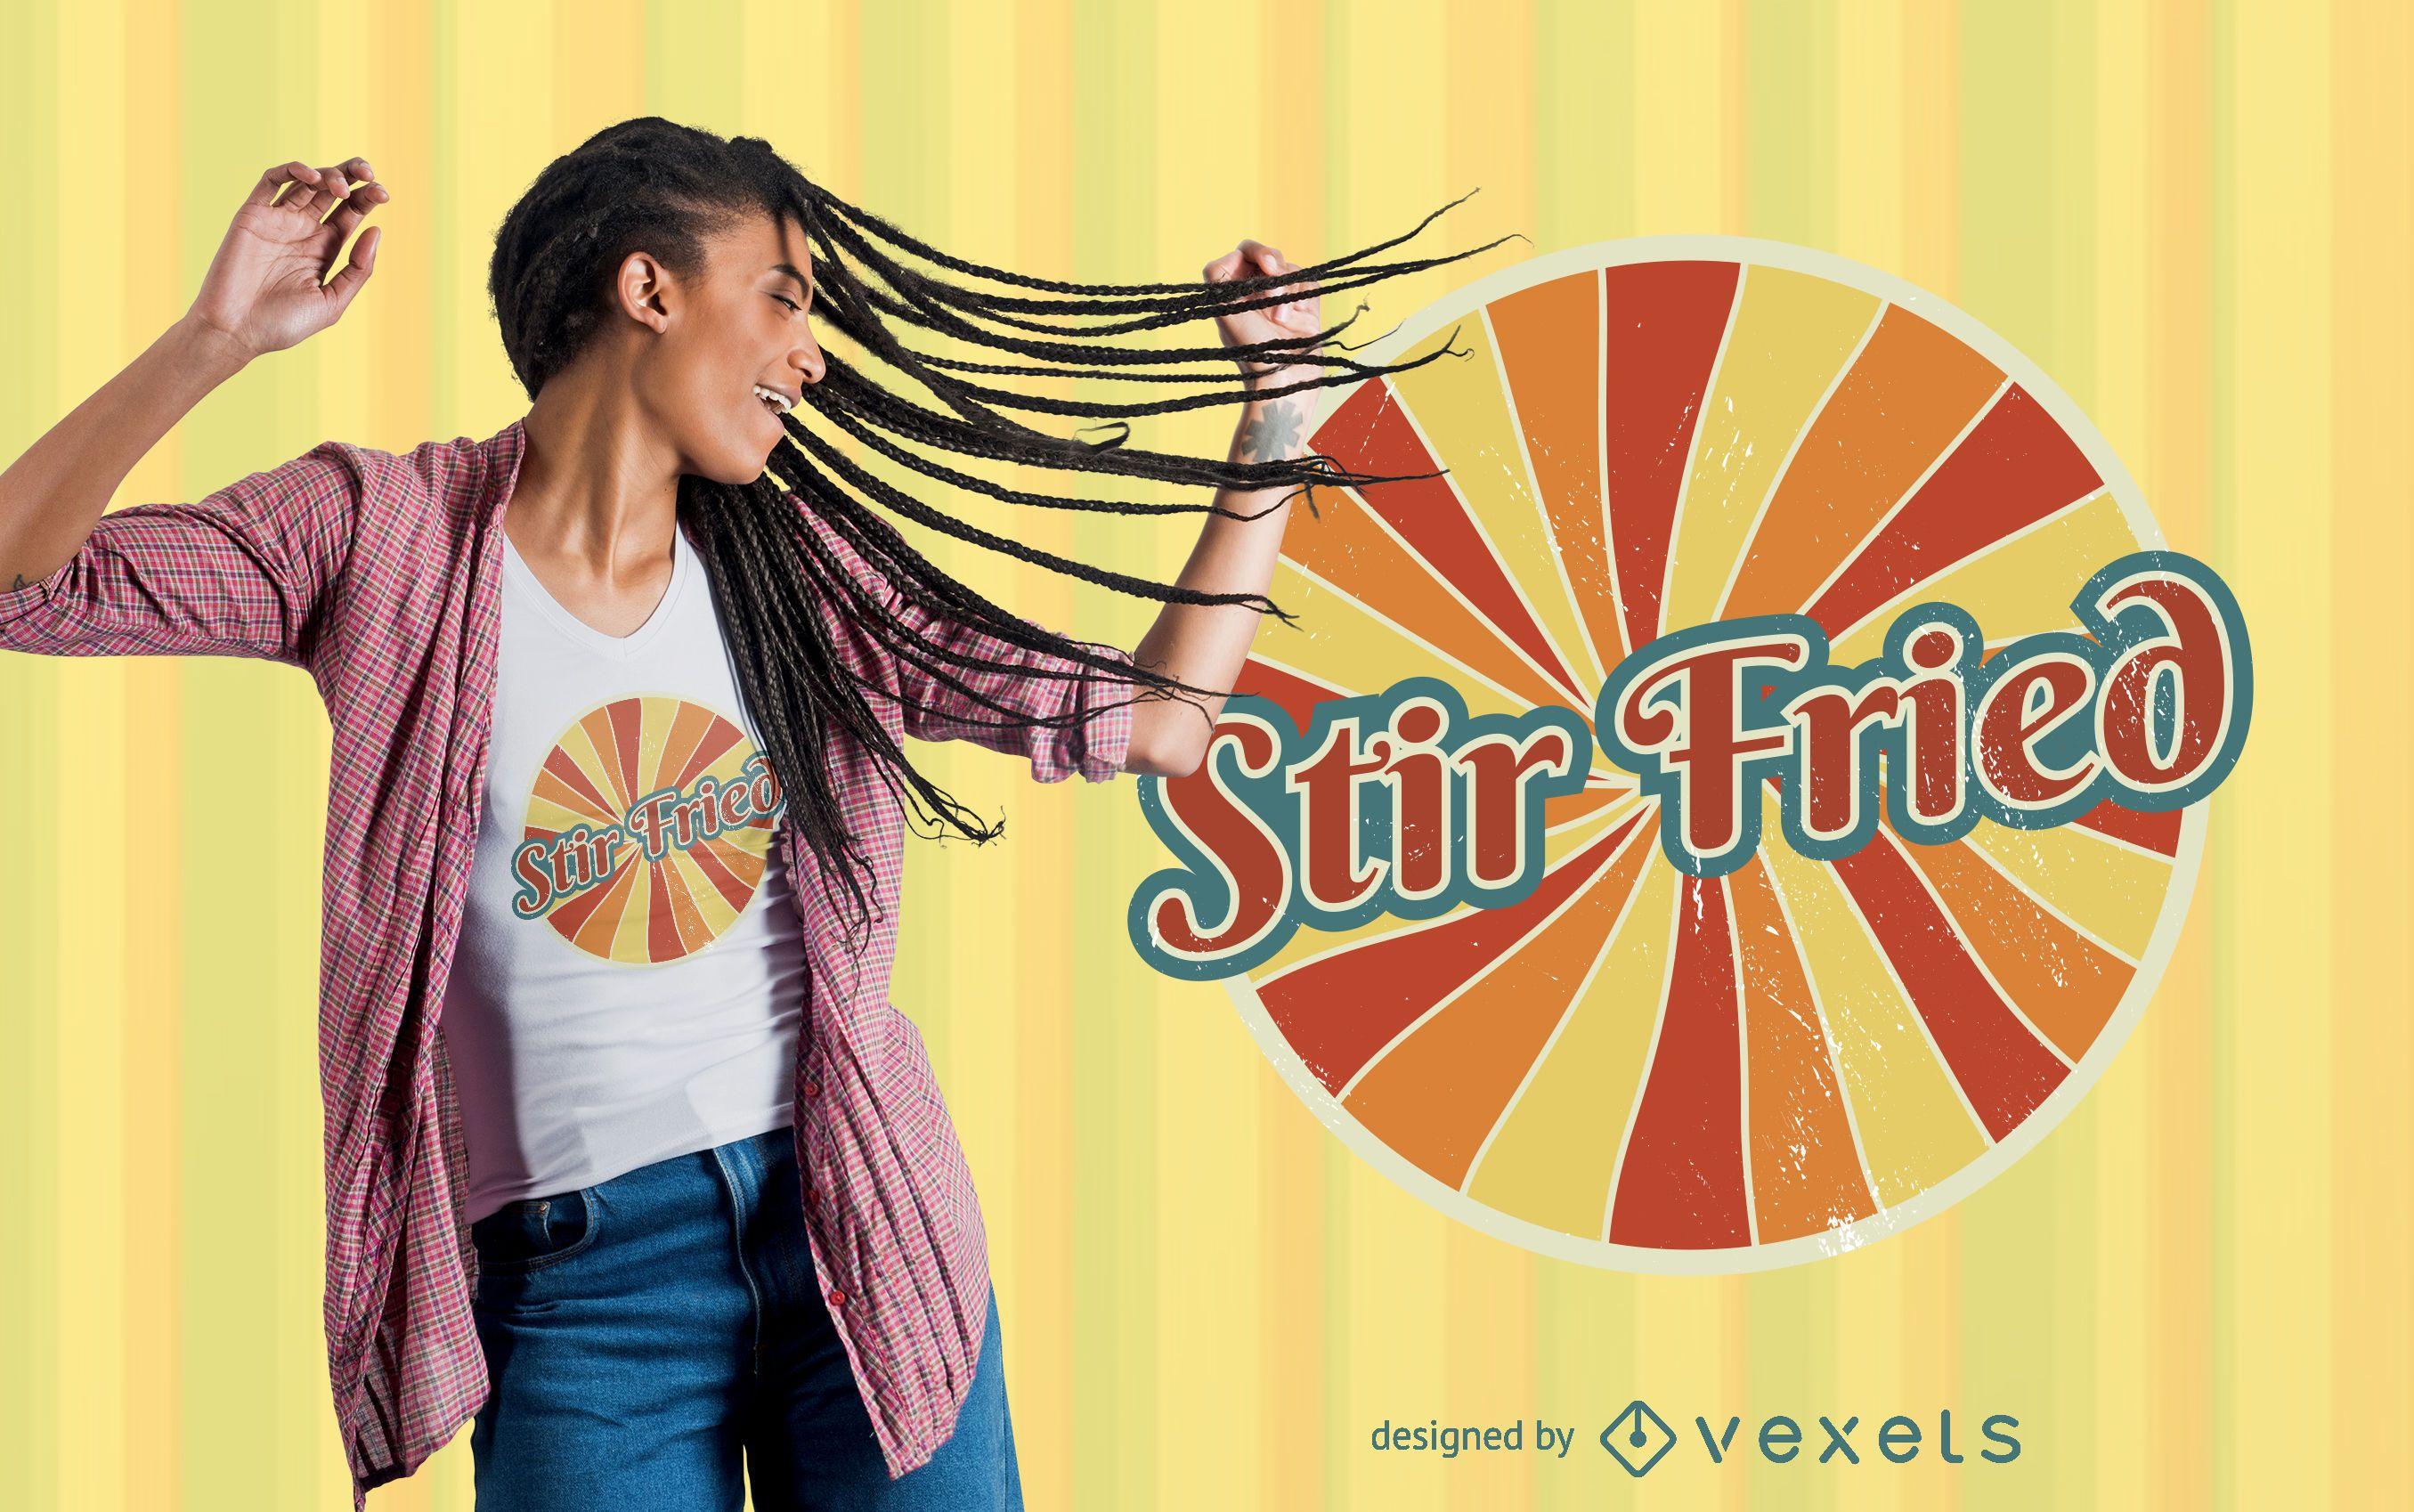 Diseño de camiseta Stir Fried